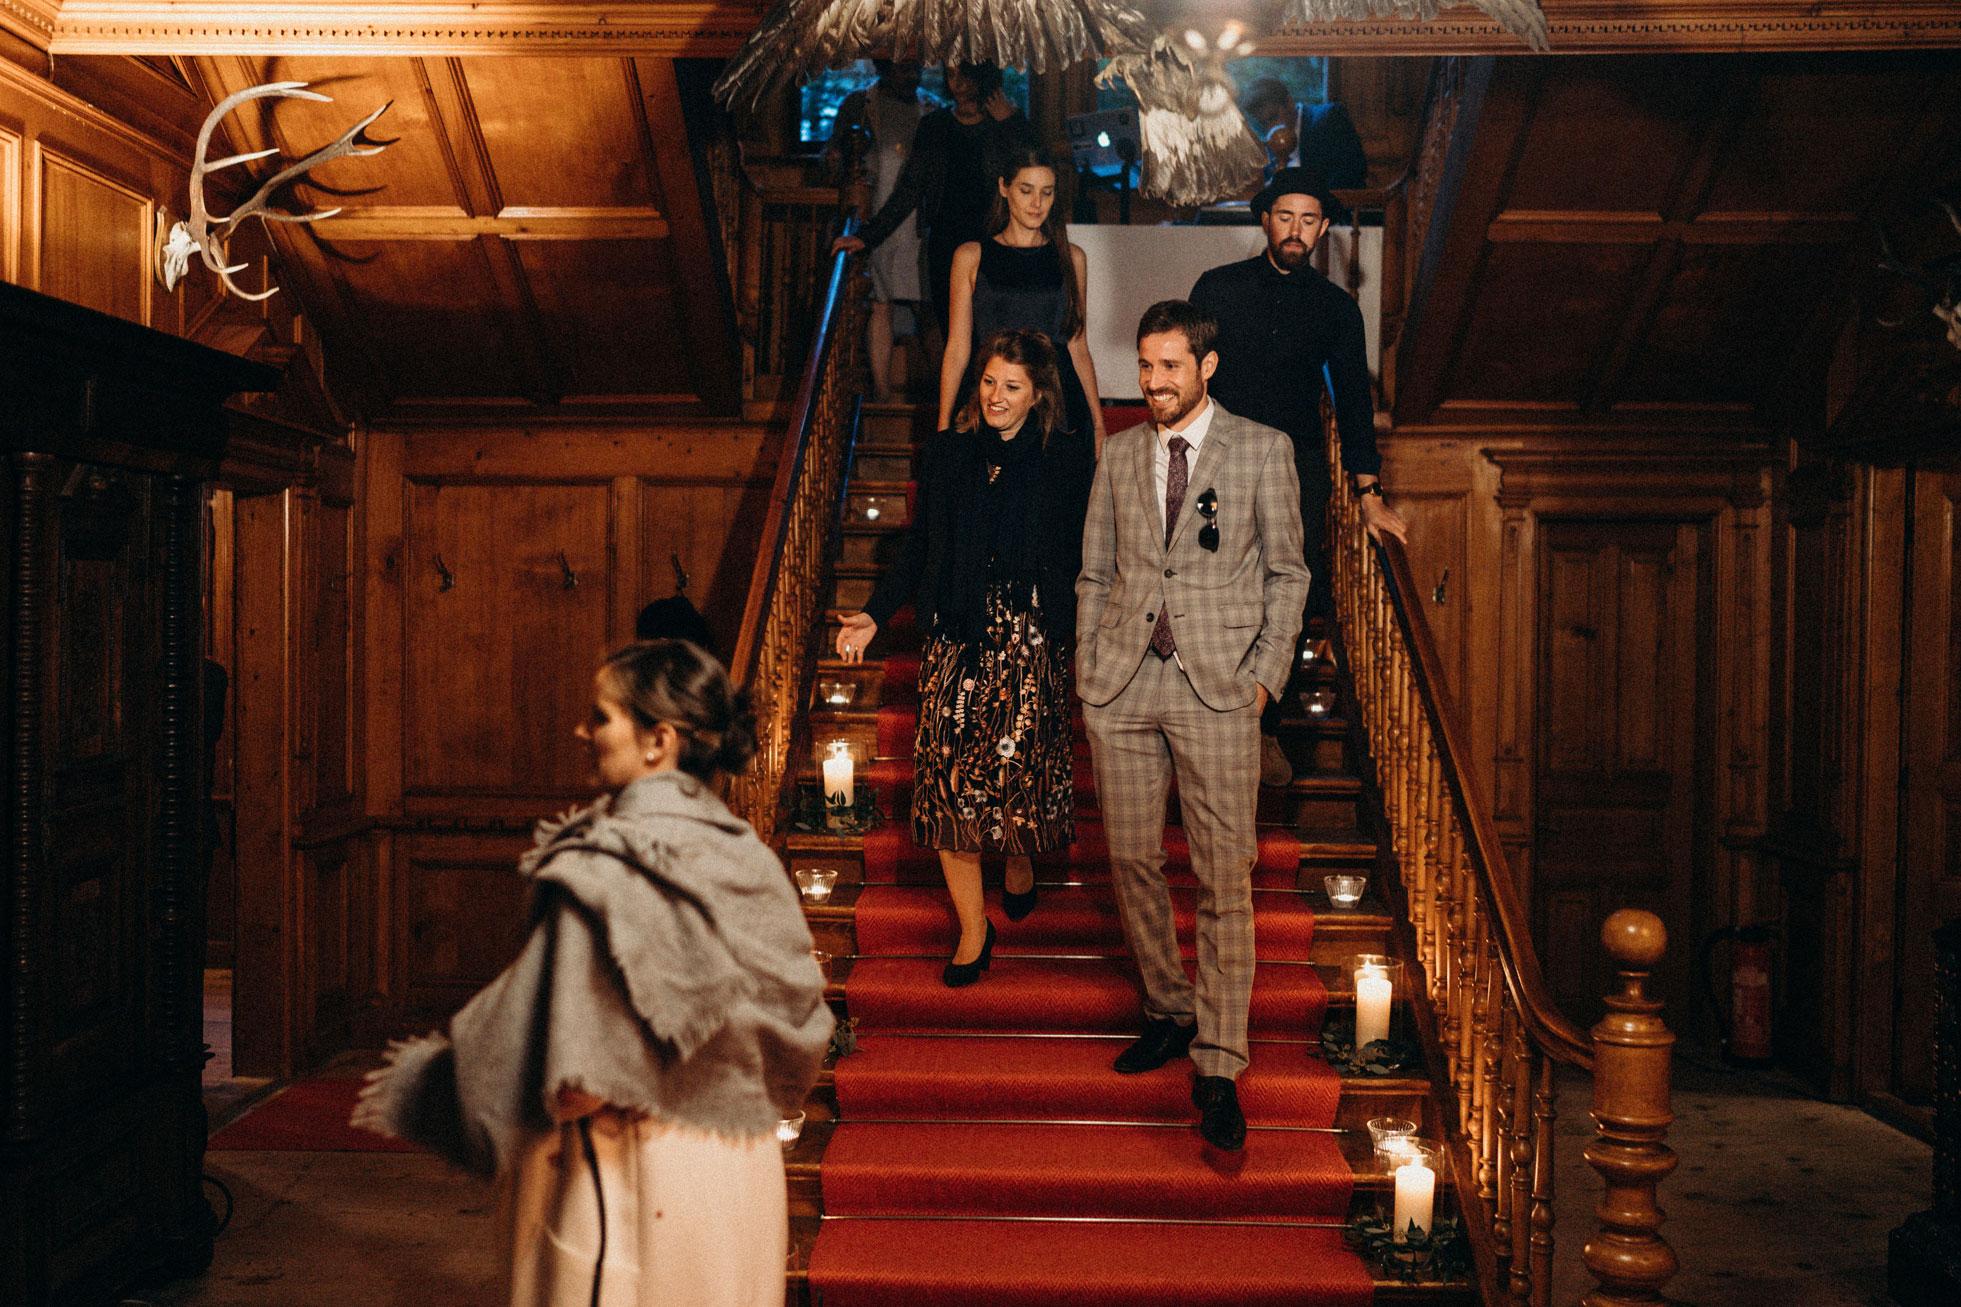 Hochzeit_Claire_Manuel_Villa_Maund_Daniel_Jenny-505.jpg